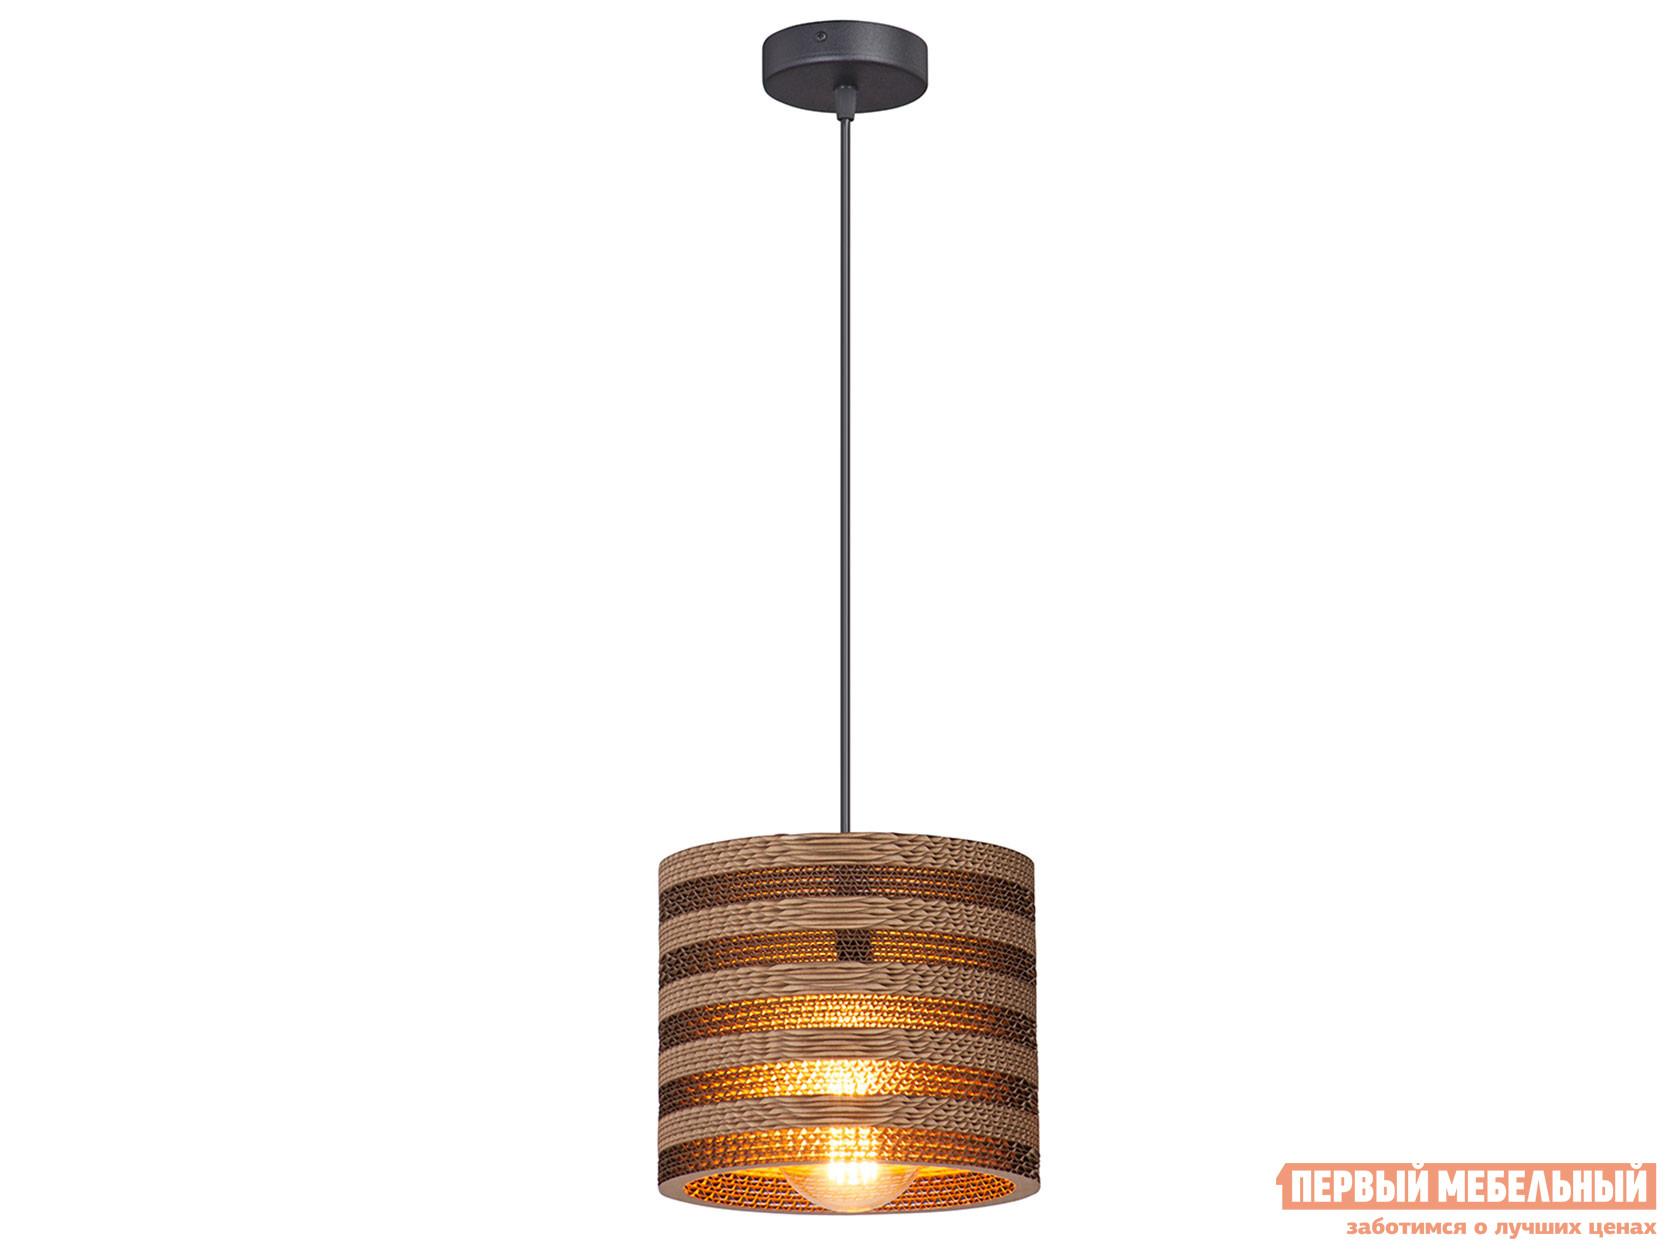 Подвесной светильник КСК-электро Люстра V4787-1/1S